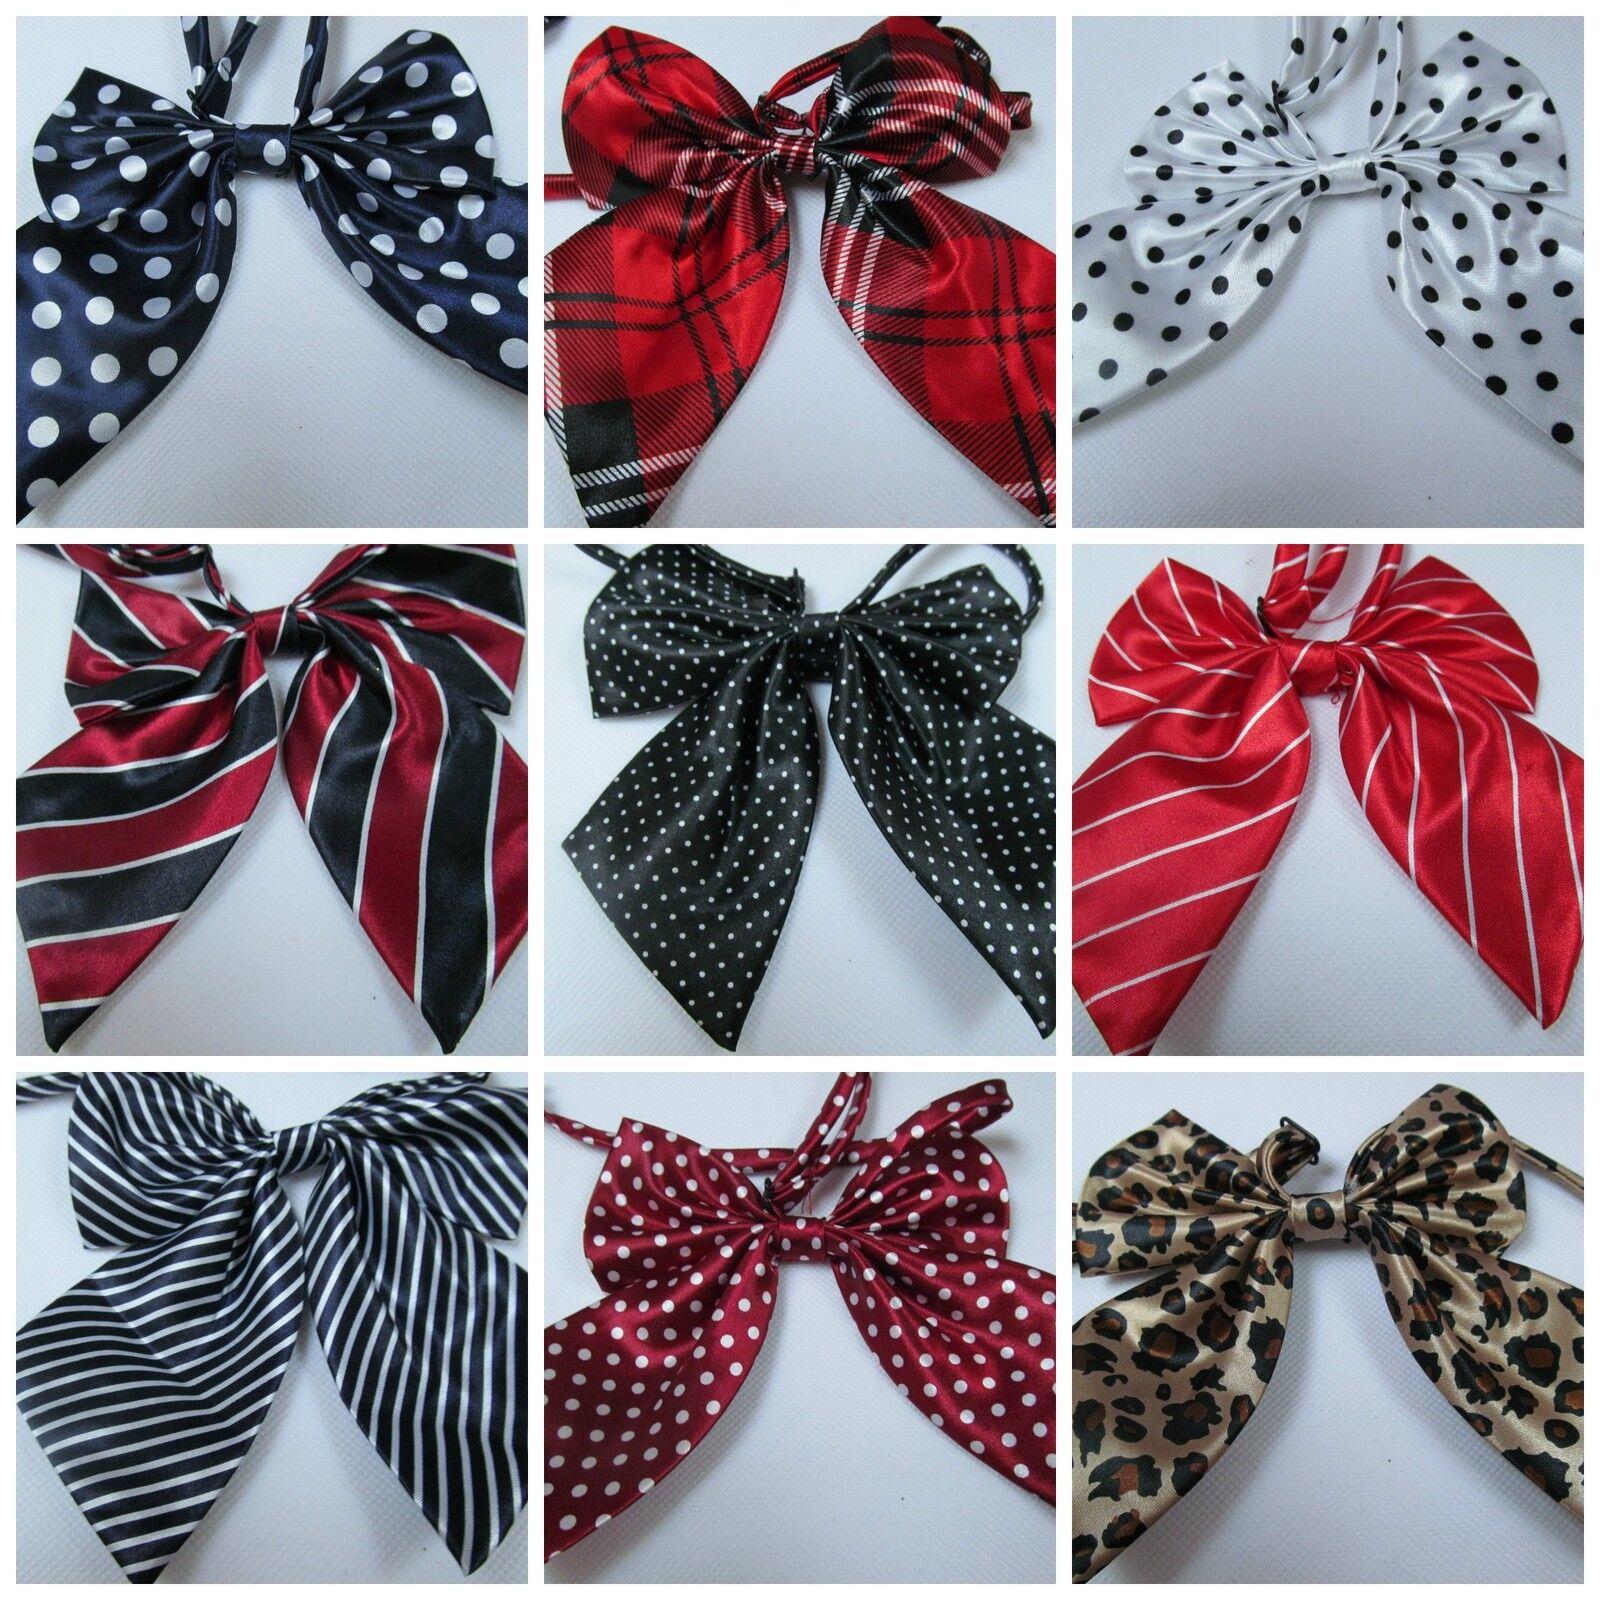 Señoras de moda de satén estilo lazo de cuello Corbata Cravat 15 + Colores Fiesta De Disfraces, Reino Unido